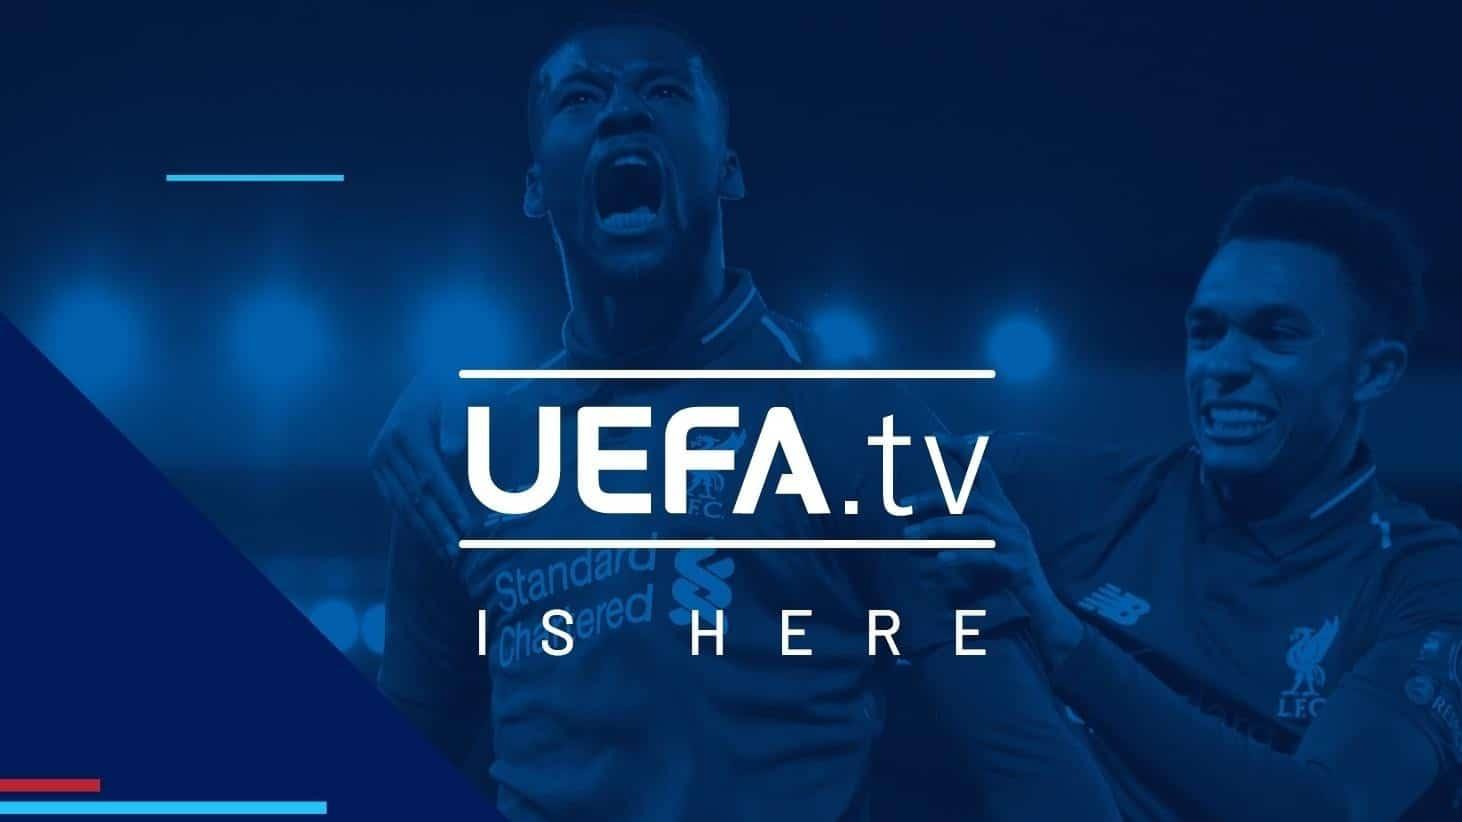 UEFA.tv Always Football. Always On